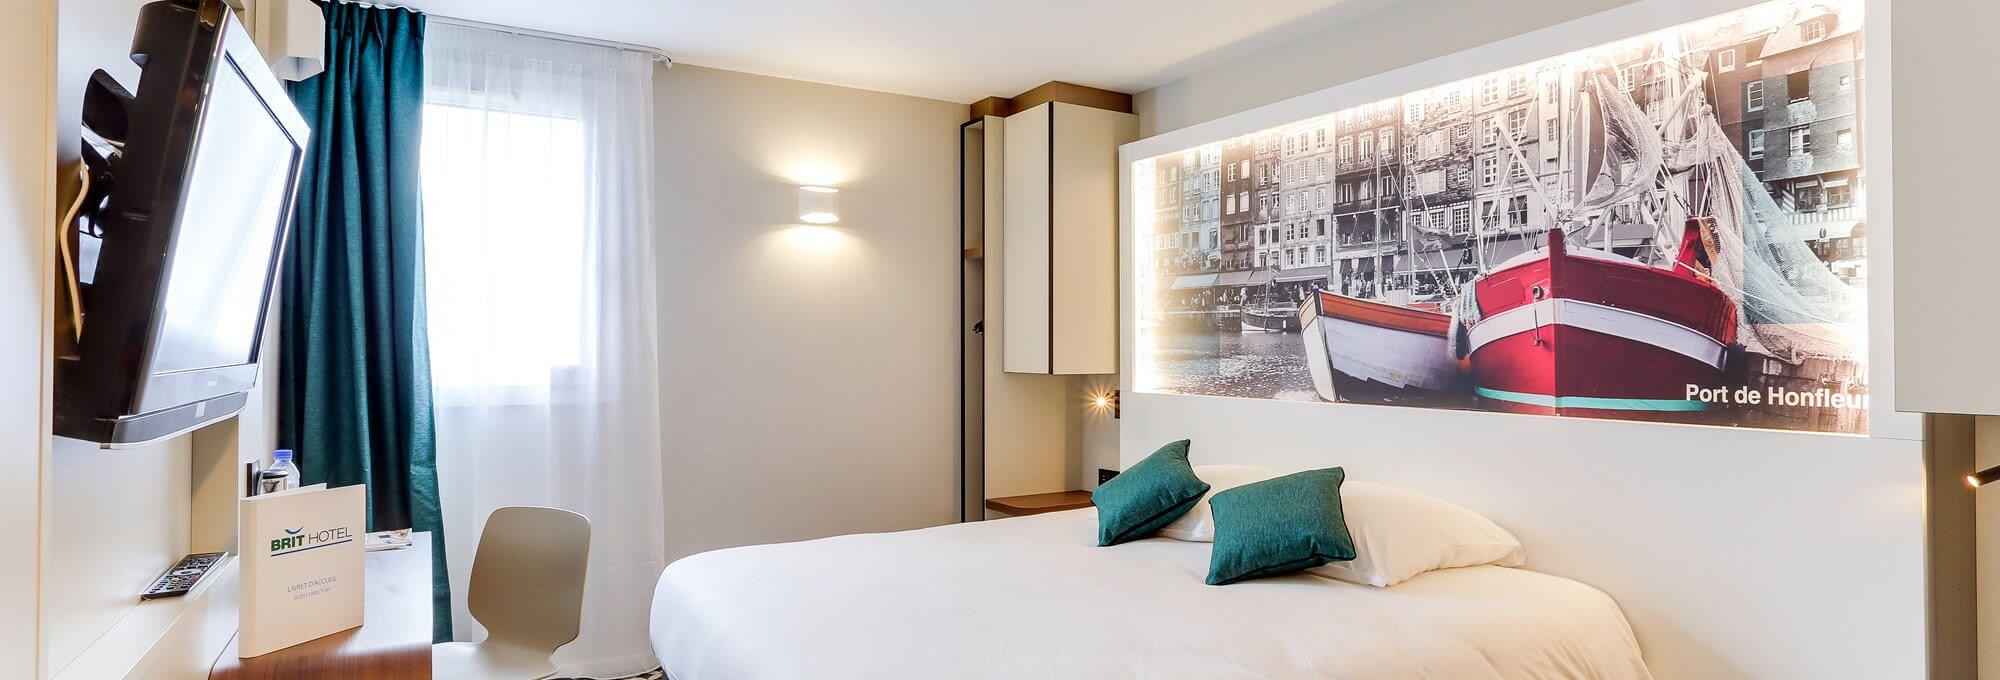 Brit Hotel Caen Nord Mémorial Le Site Officiel Avec Le Meilleur